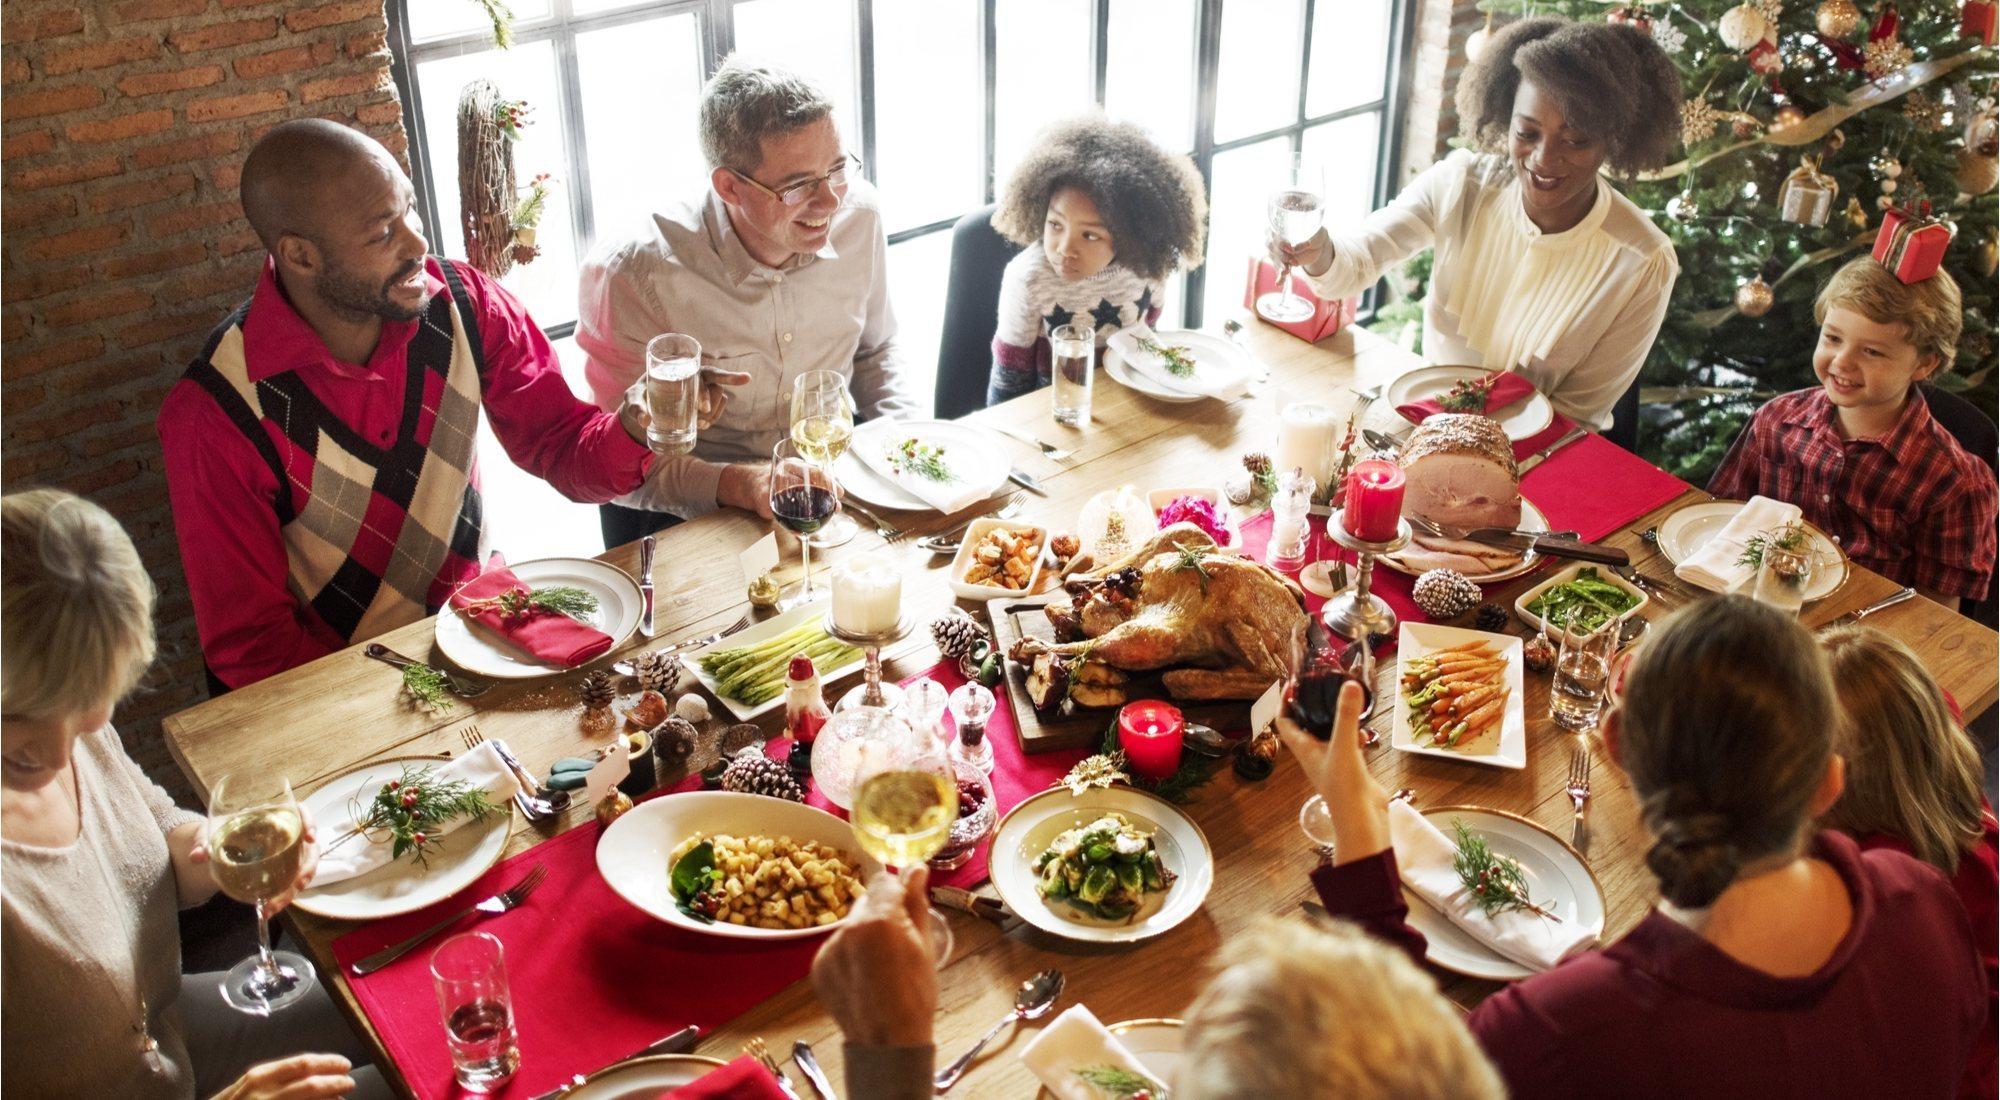 Cómo sobrevivir a la cena de Nochebuena (y al resto de reuniones familiares navideñas)